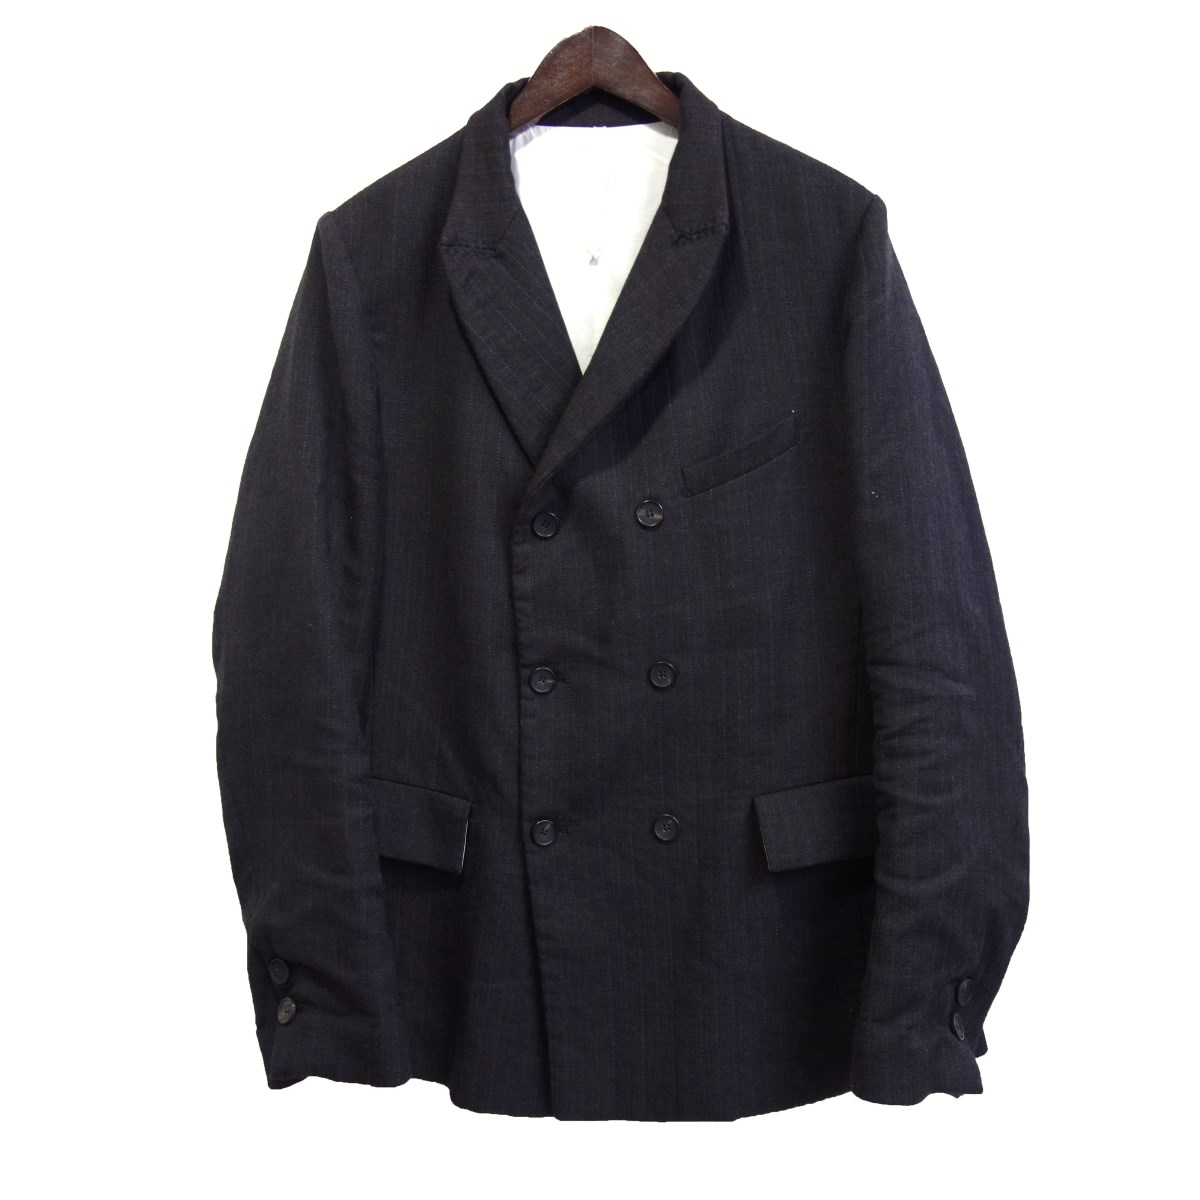 【中古】Bergfabel ダブルジャケット ブラック サイズ:50 【281219】(バーグファベル)